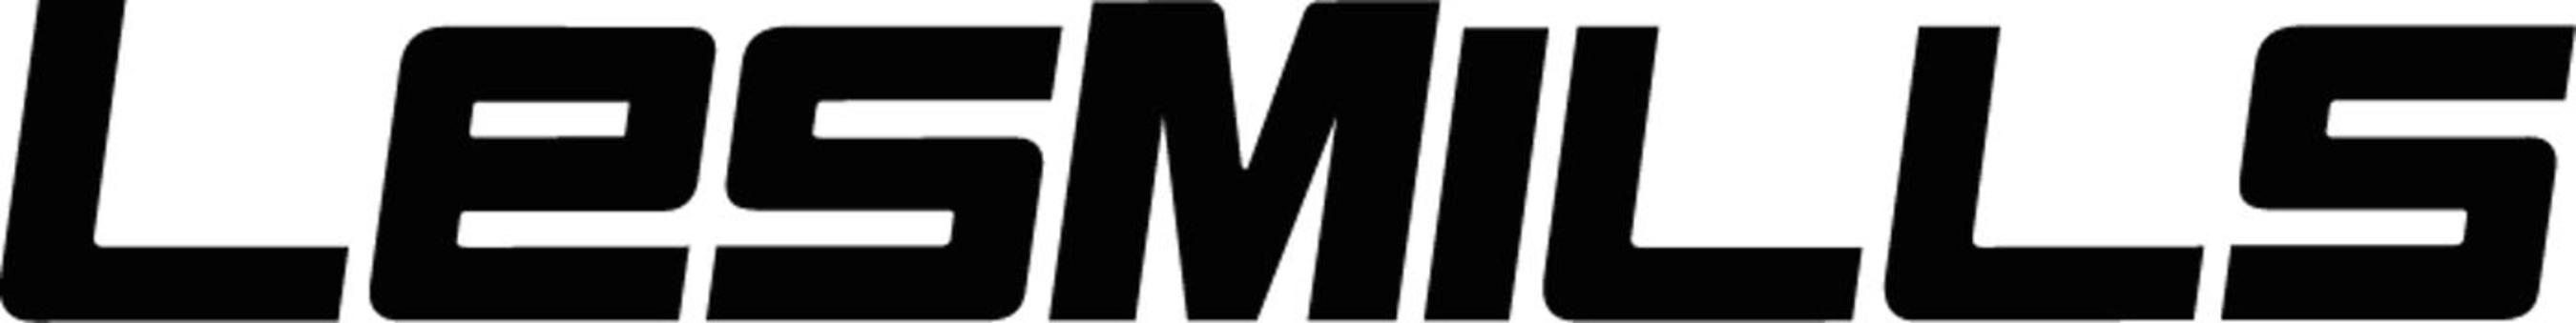 Les Mills Logo (PRNewsFoto/Les Mills International) (PRNewsFoto/Les Mills International)